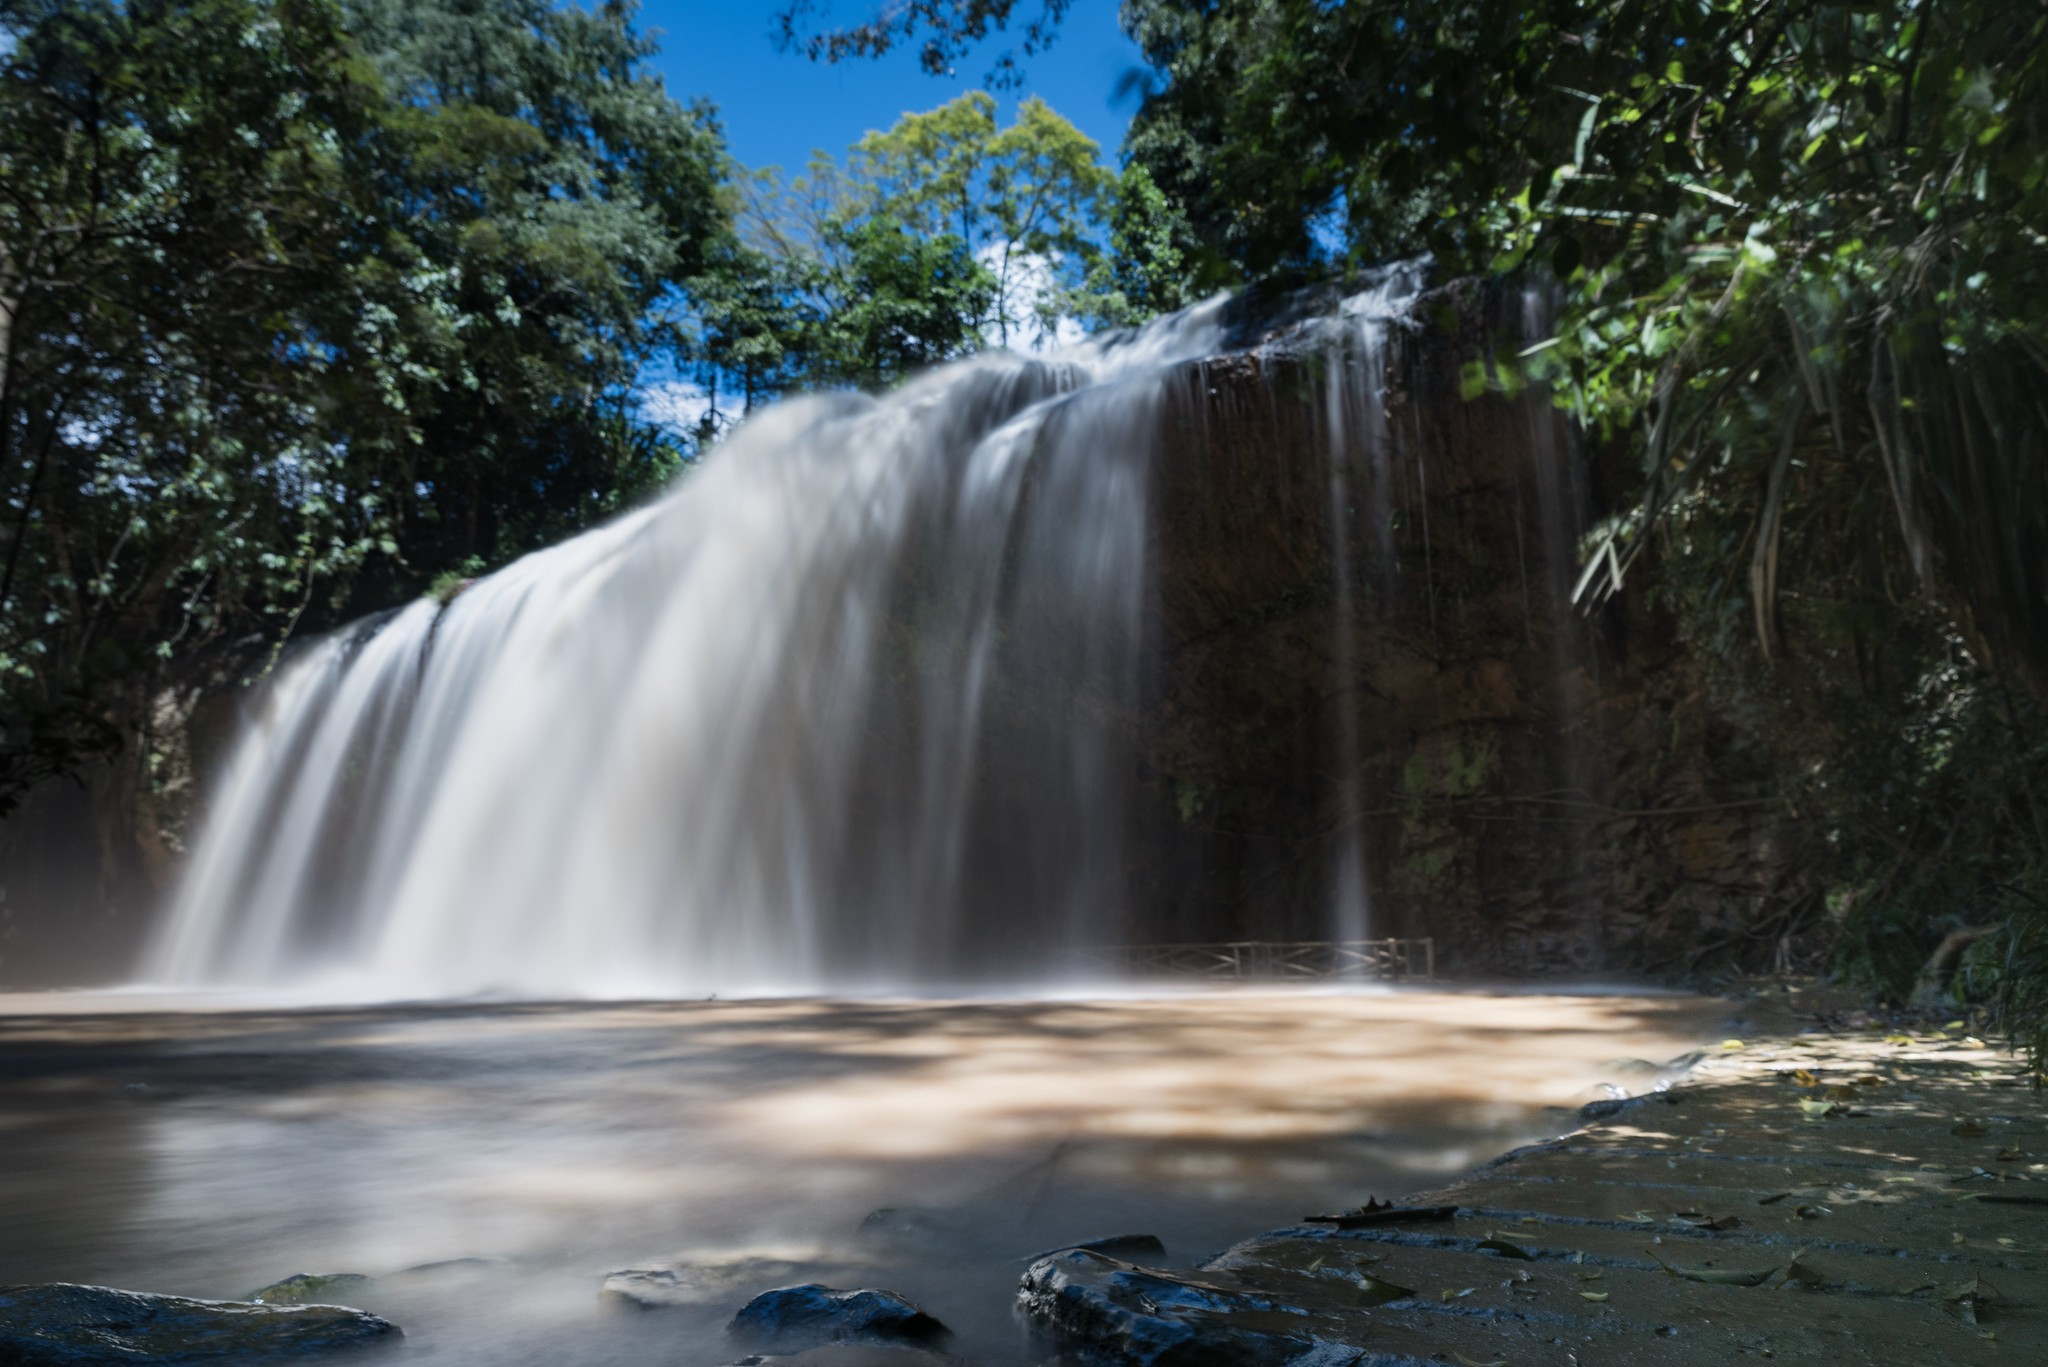 Visitar catarata Prenn en Dalat, vietnam